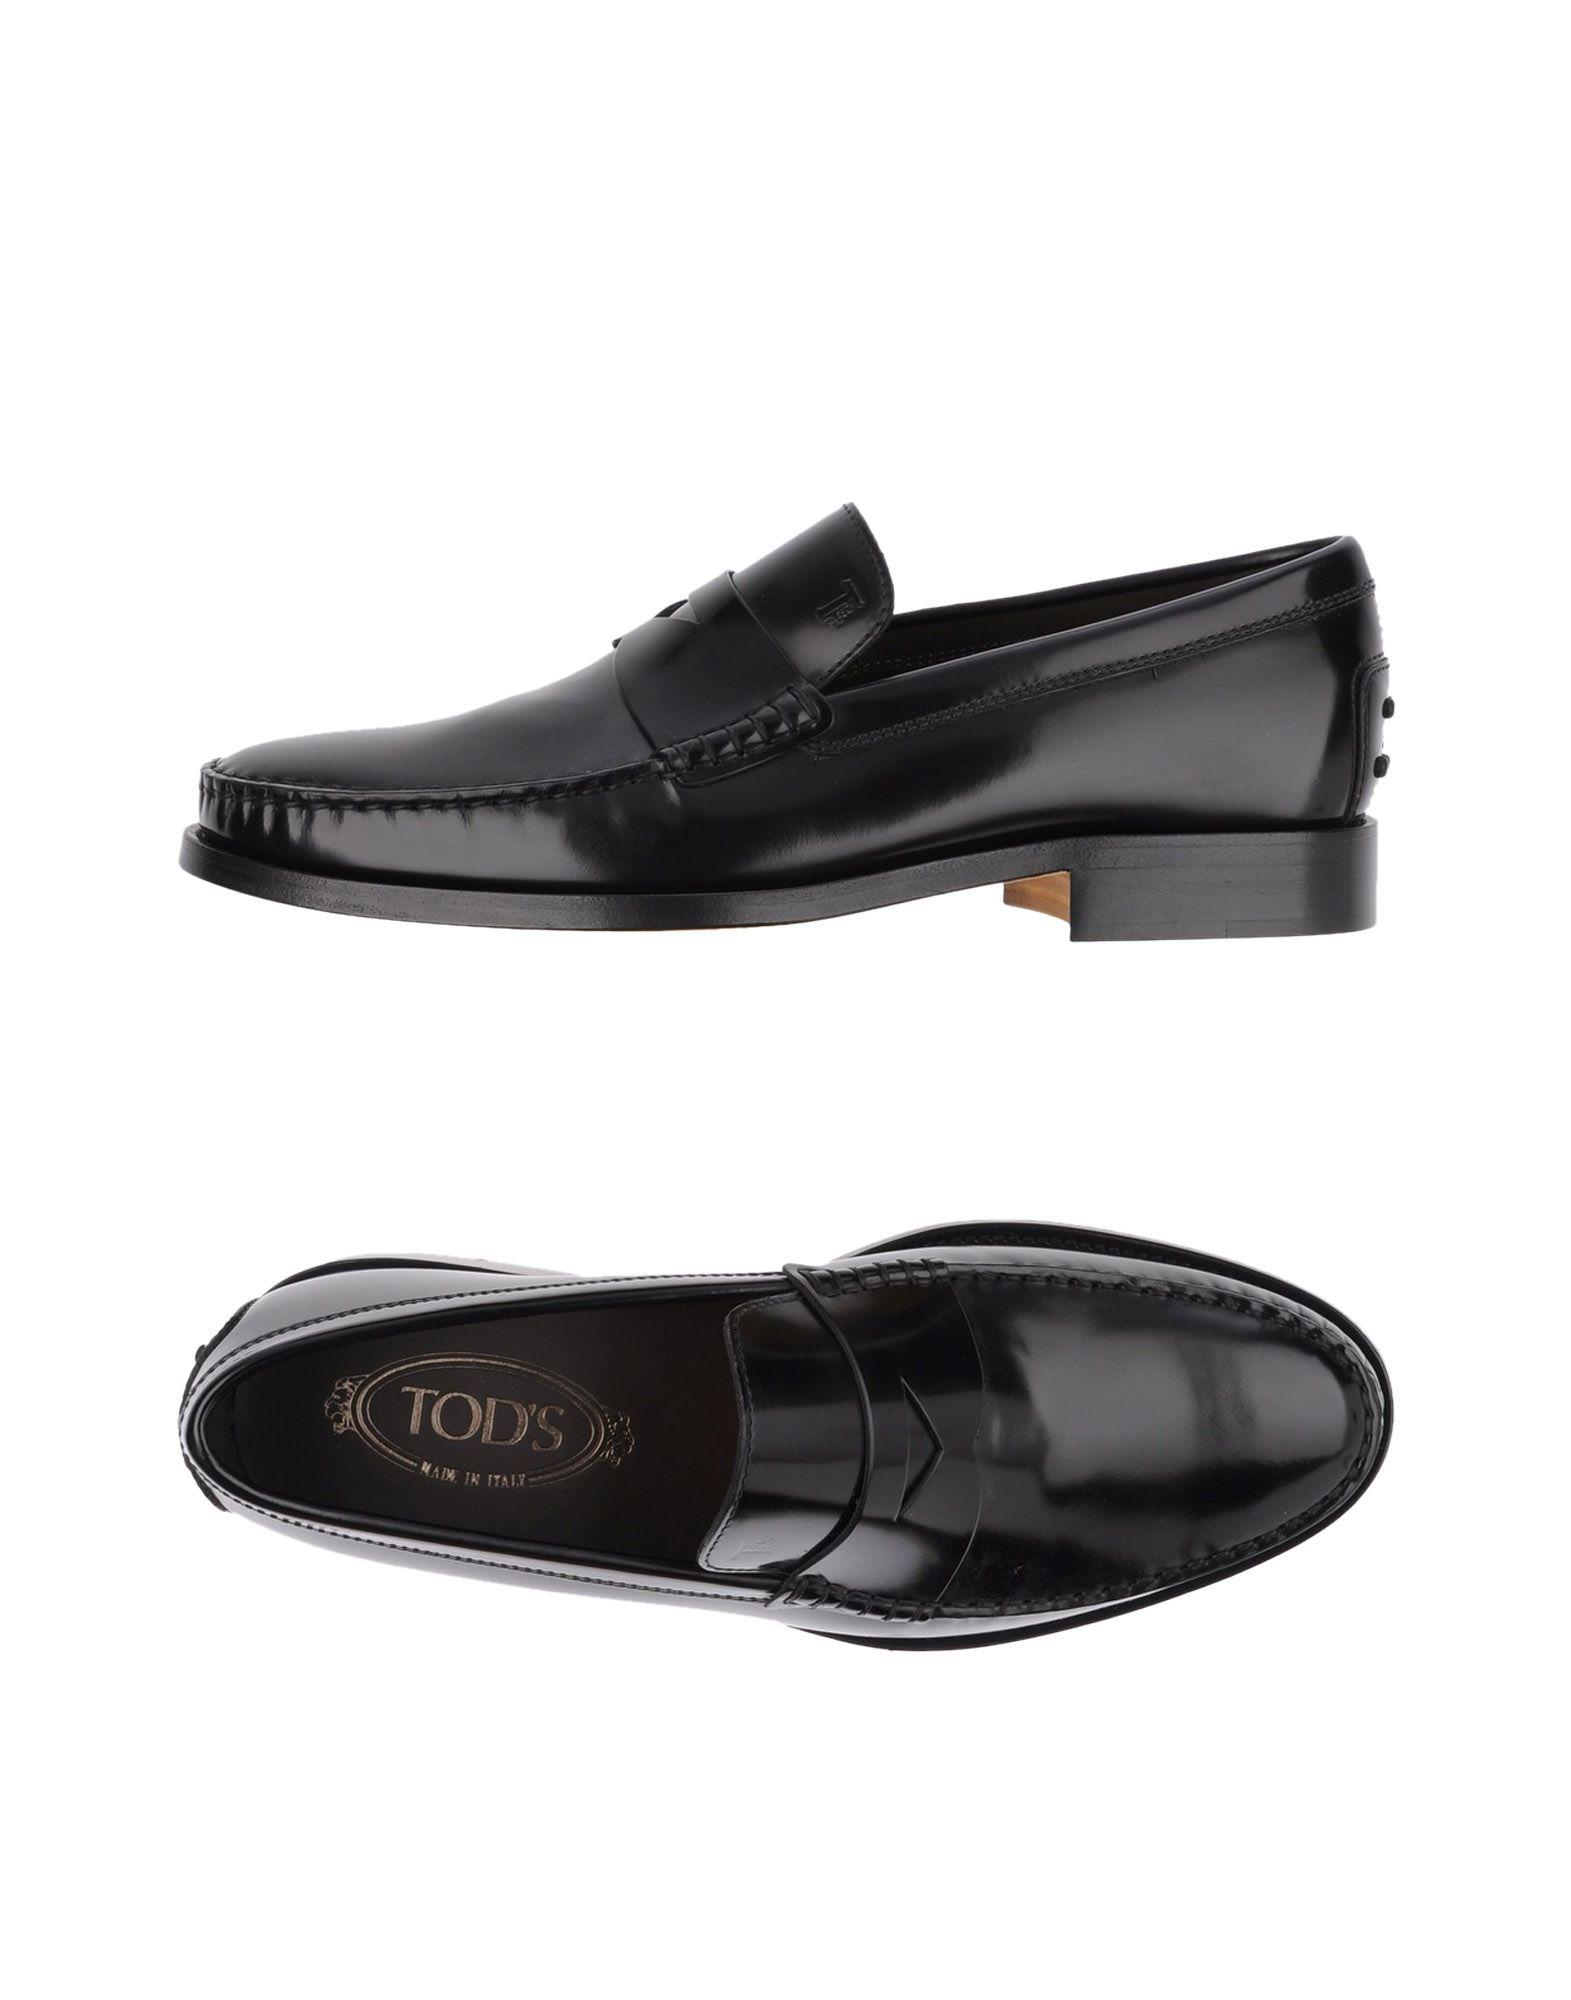 Tod's Mokassins Gute Herren  11311076TS Gute Mokassins Qualität beliebte Schuhe 4b74c4